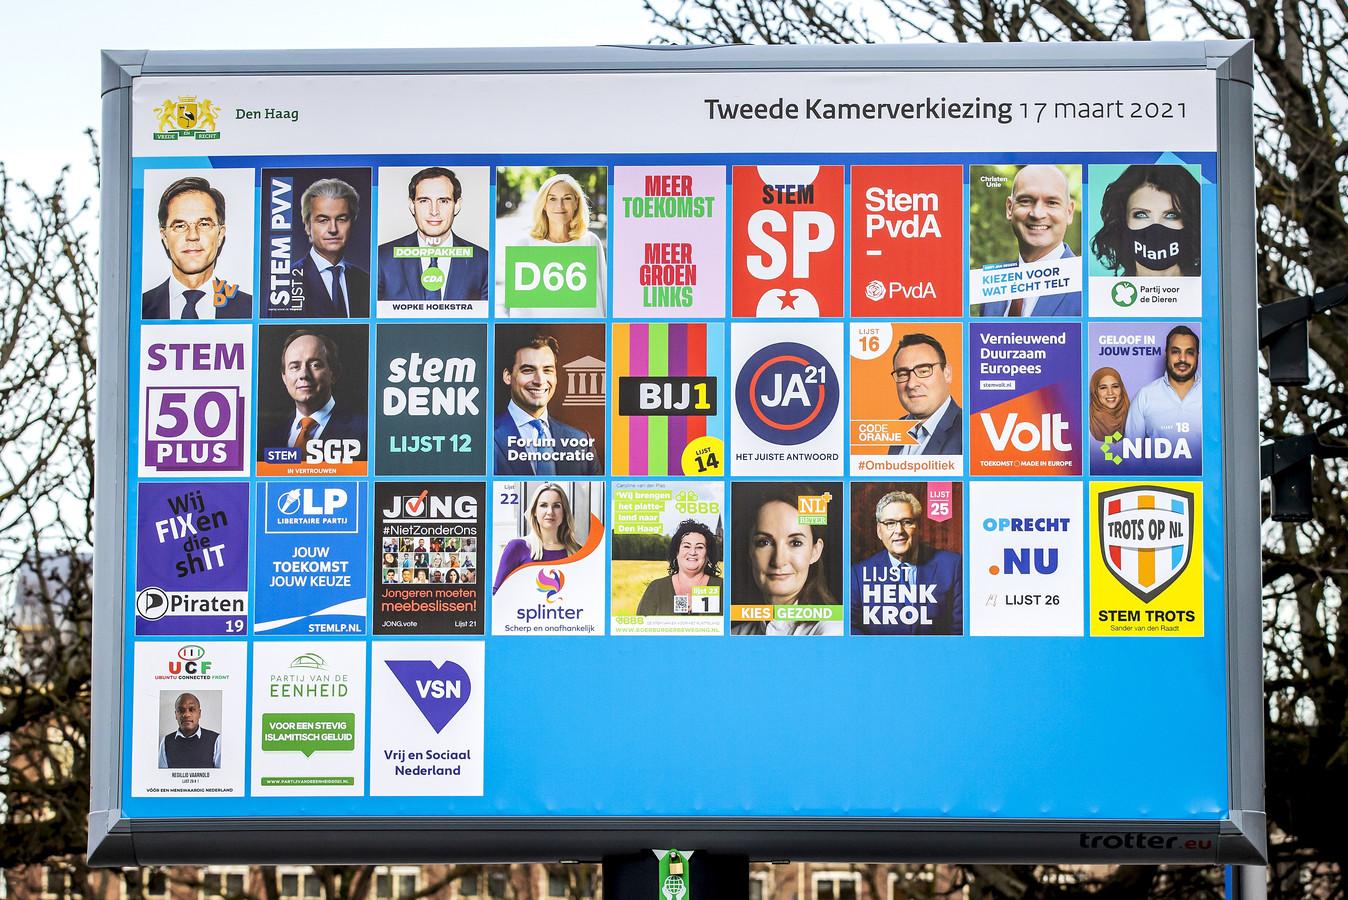 De posters van de partijen die aan de landelijke verkiezingen meedoen.